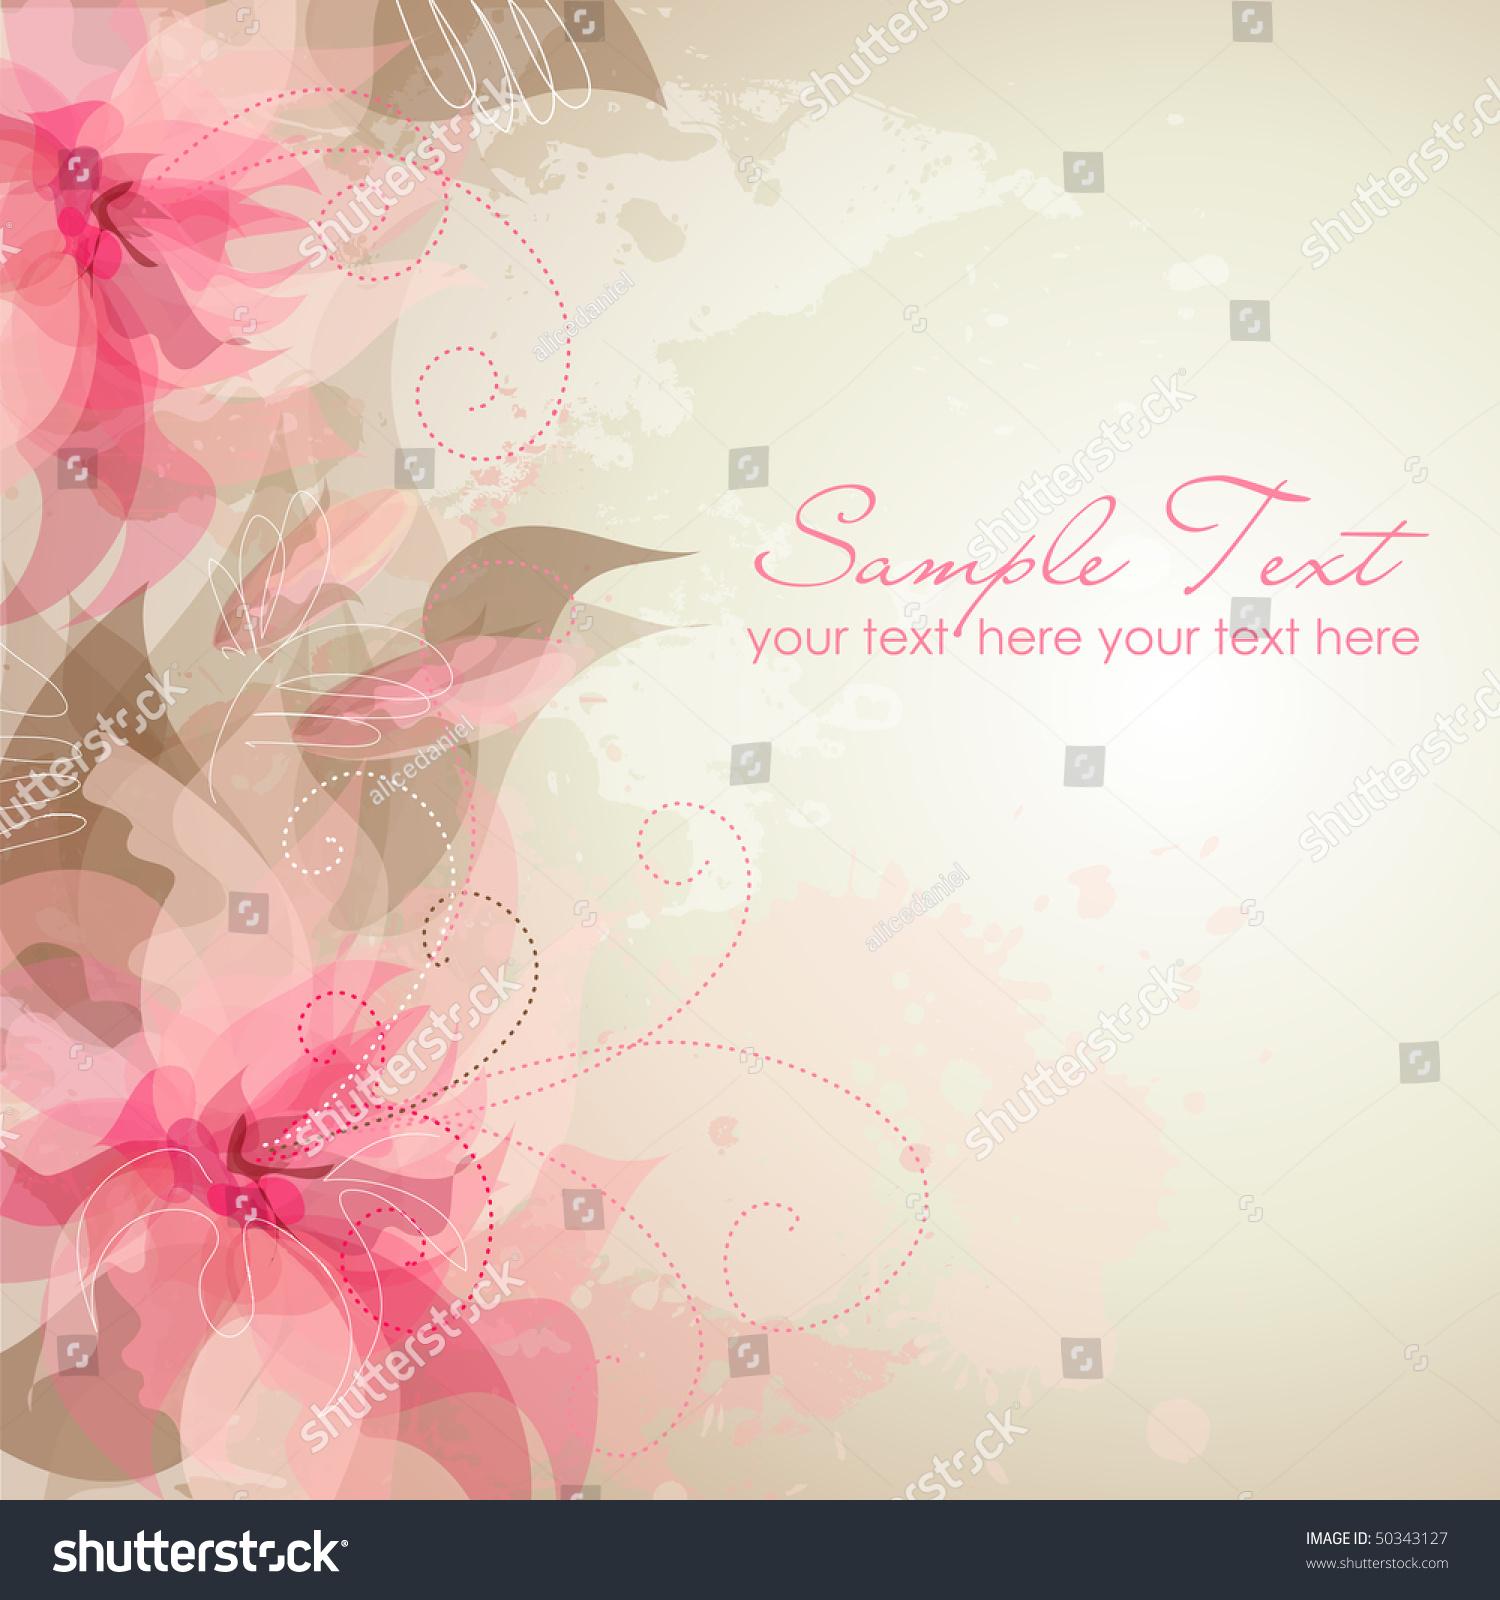 Romantic Flower Background Stock Vector Illustration